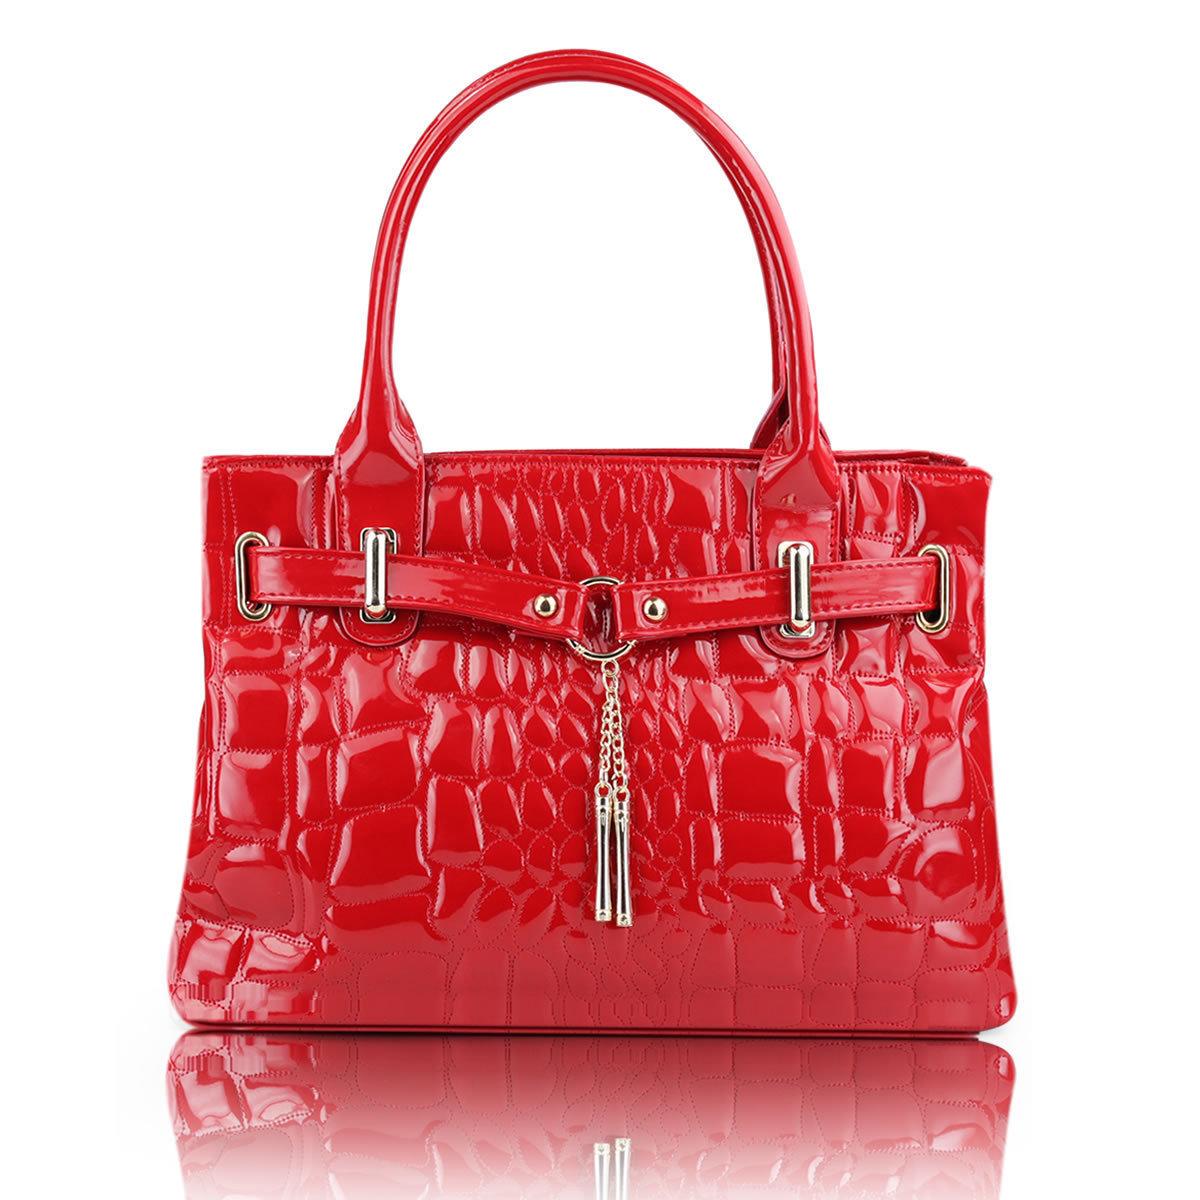 包包2012新款女包单肩包夏季韩版漆皮手提包时尚新娘包红色包邮